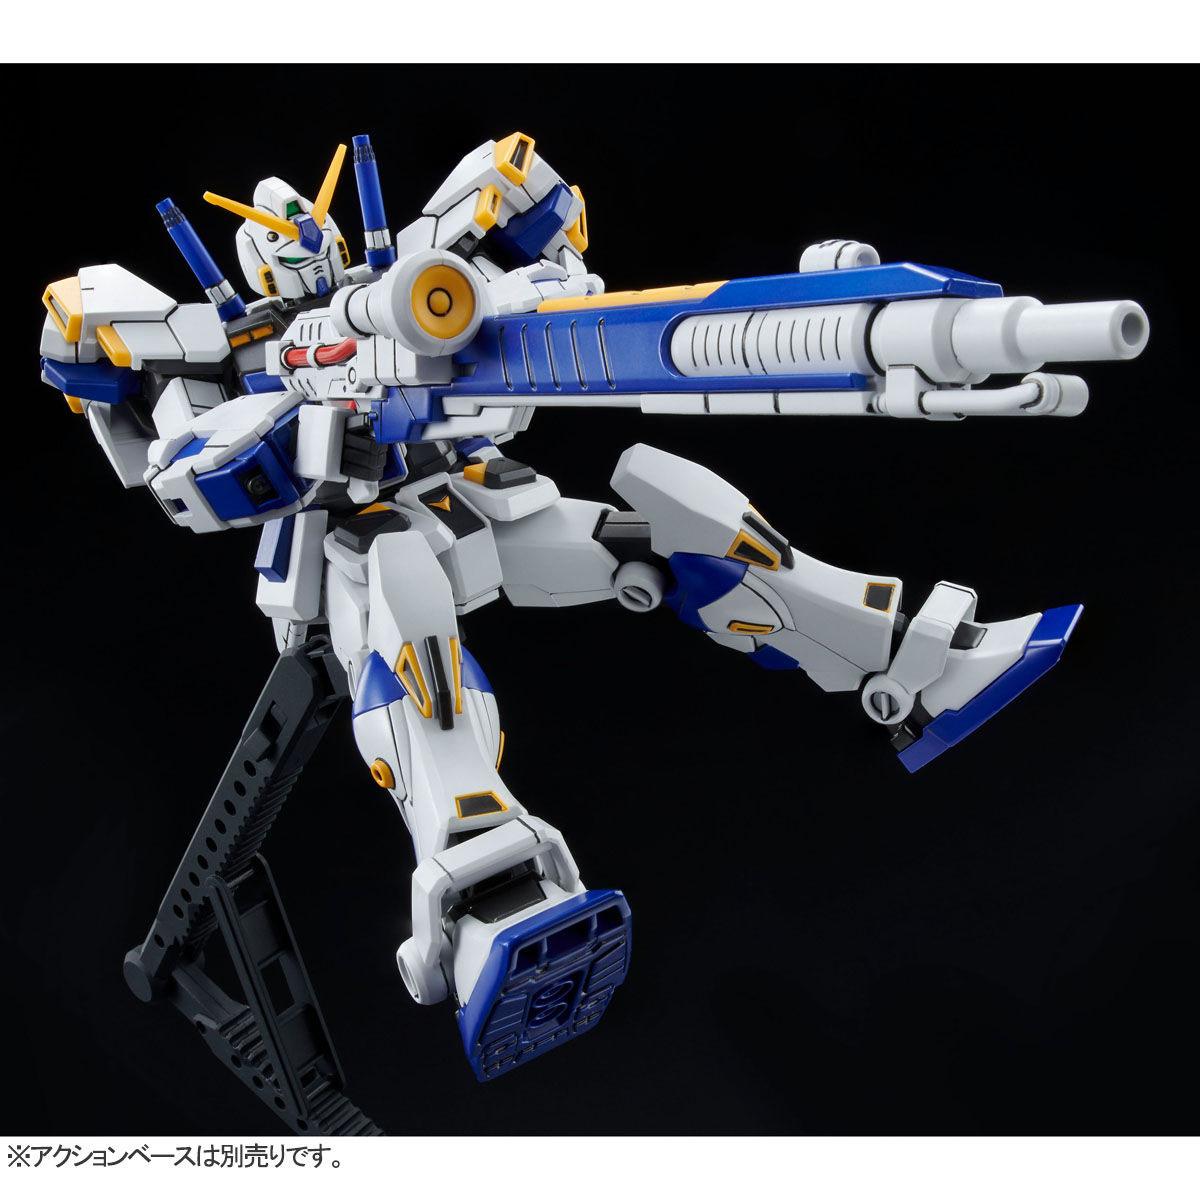 【限定販売】HG 1/144『ガンダム4号機』機動戦士ガンダム外伝 宇宙、閃光の果てに プラモデル-005